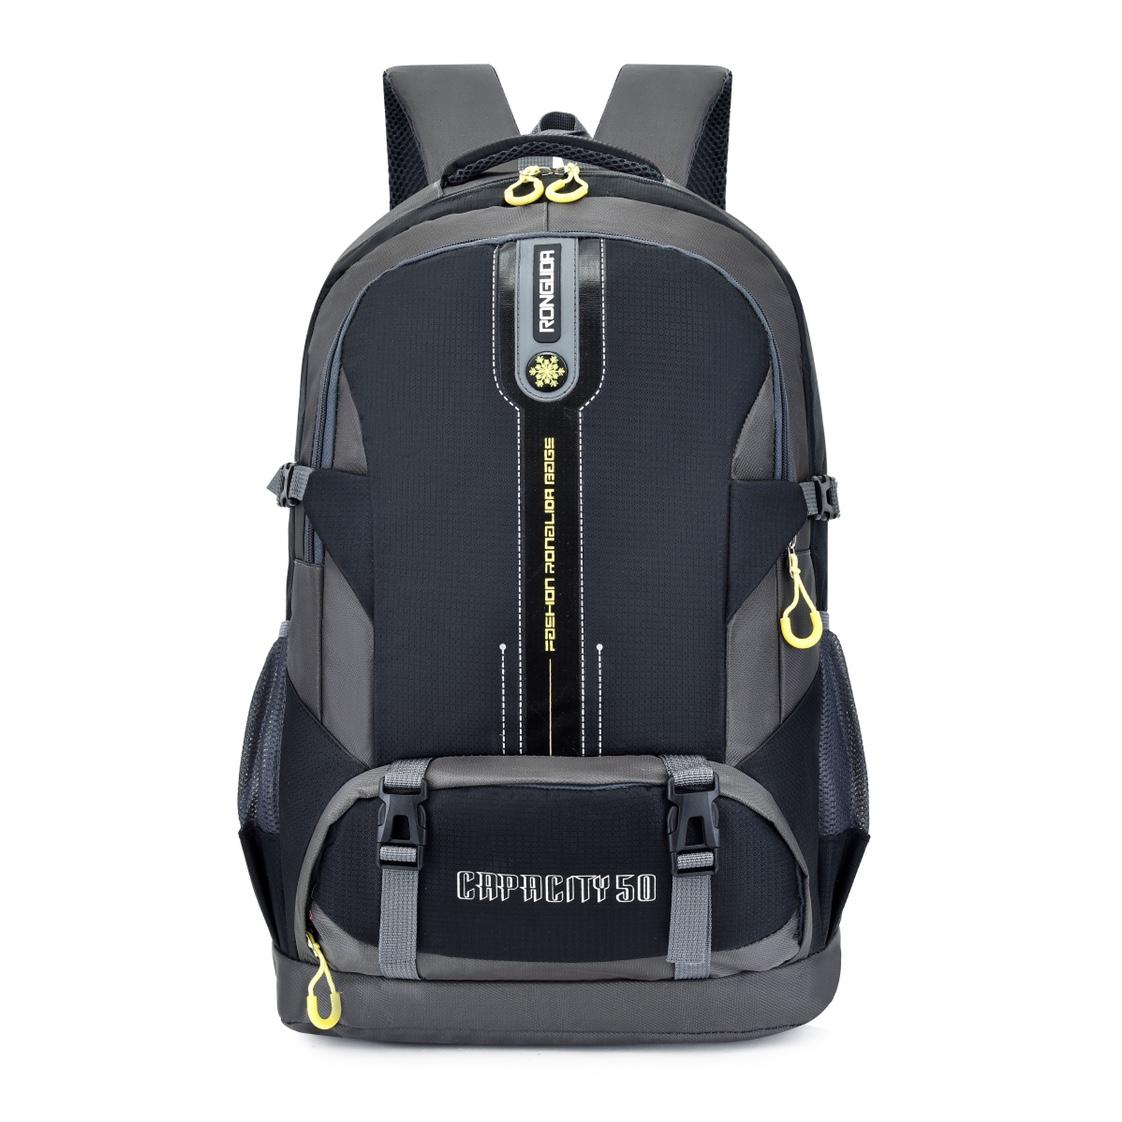 户外徒步背包旅行双肩背包学生书包休闲电脑背包